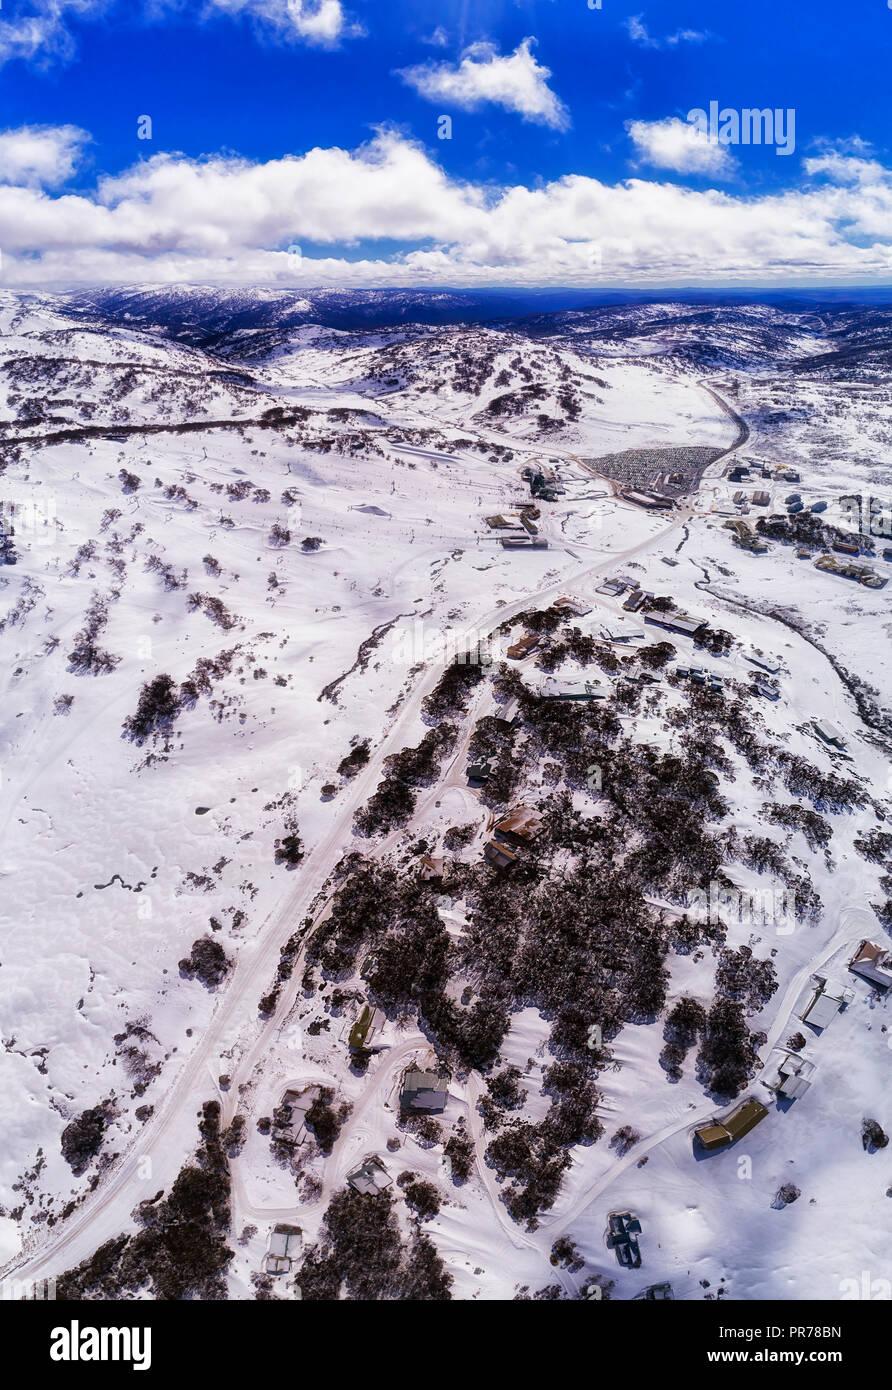 World village reculé de Perisher valley haut dans les montagnes enneigées de l'Australie au cours de l'hiver saison de ski avec beaucoup de neige sur les pentes de la station. Photo Stock